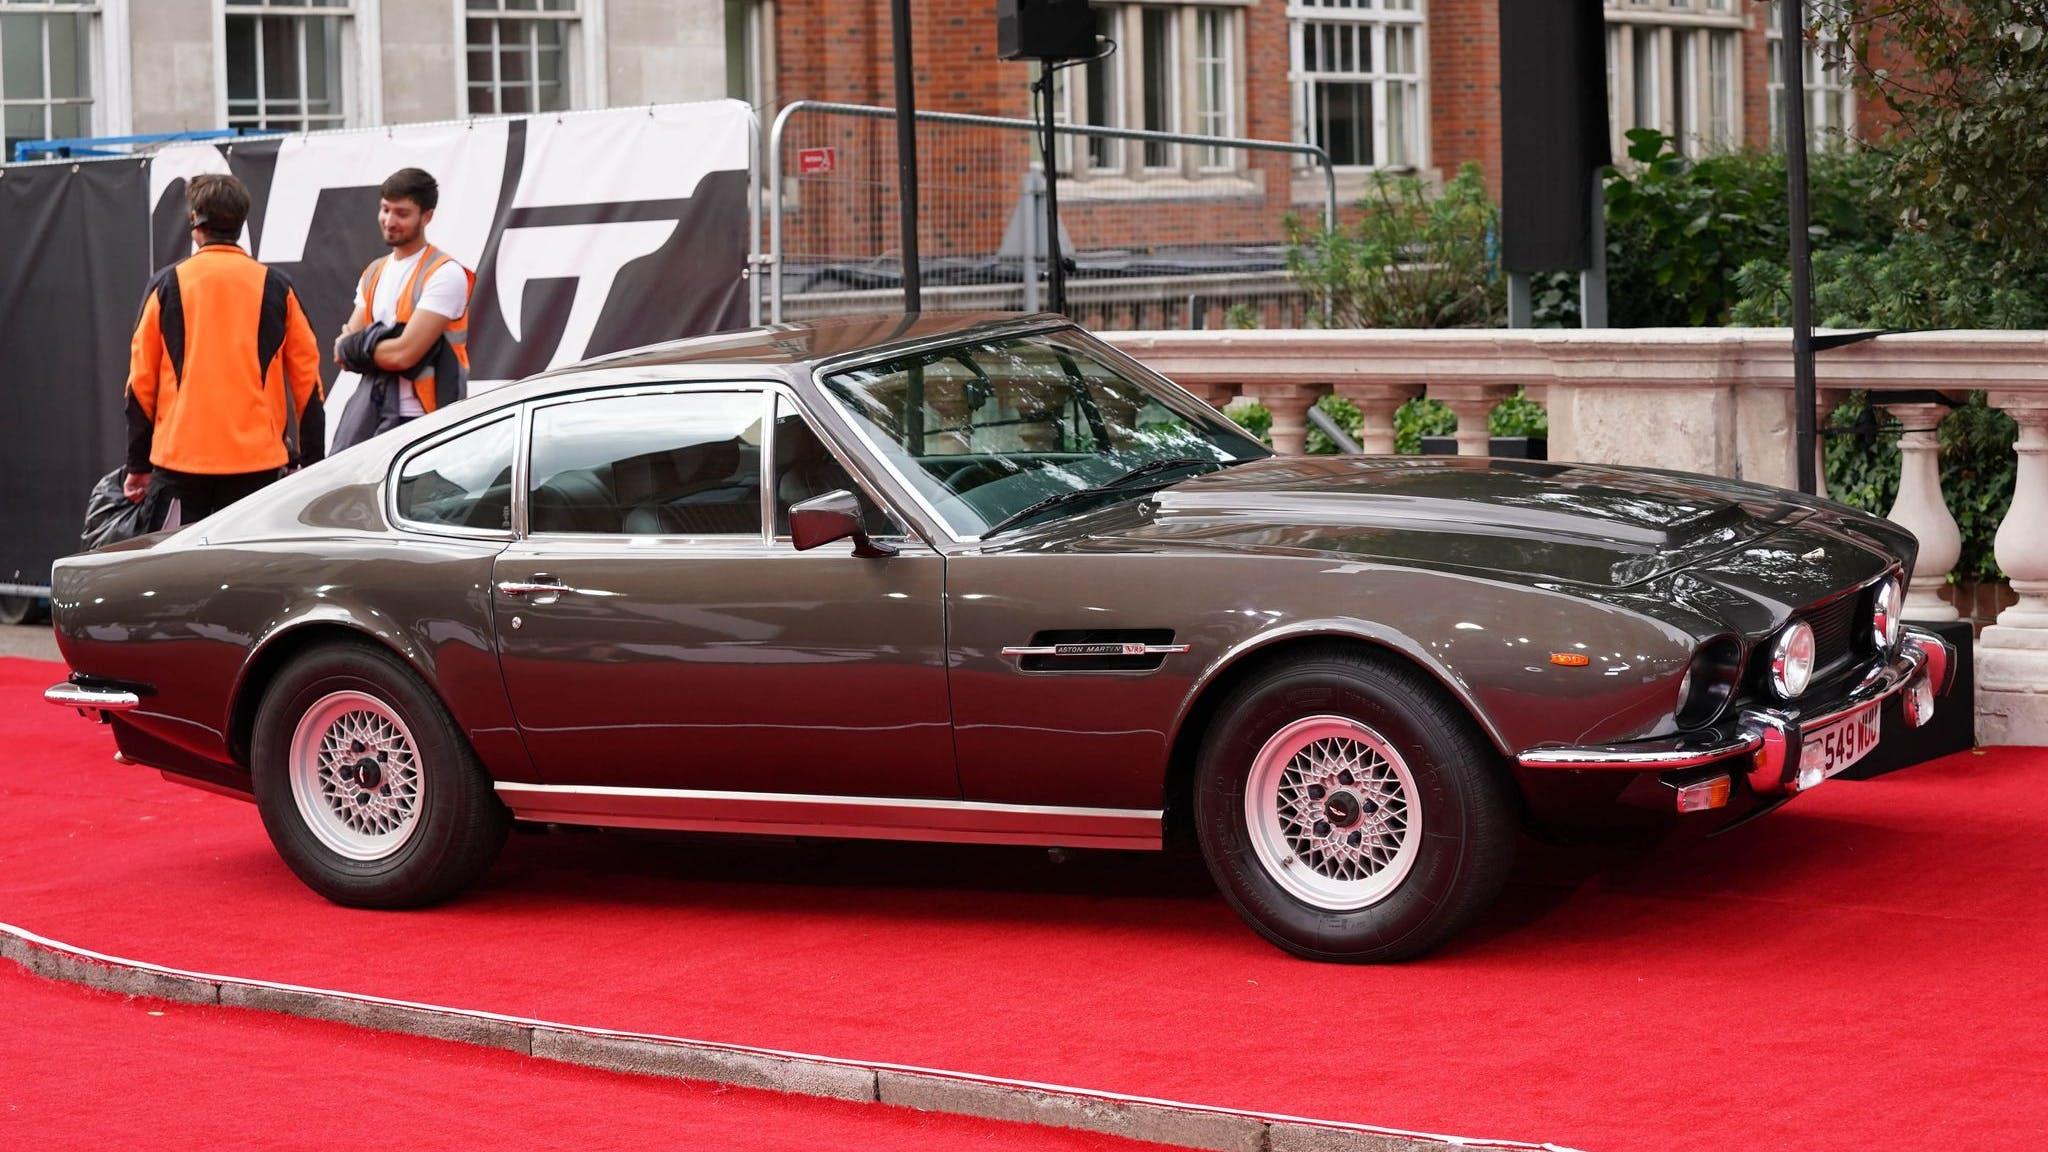 Ein Aston Martin auf dem roten Teppich. Vor den Interviews befreite Daniel Craig sein Auto von einem herabgefallenen Blatt.